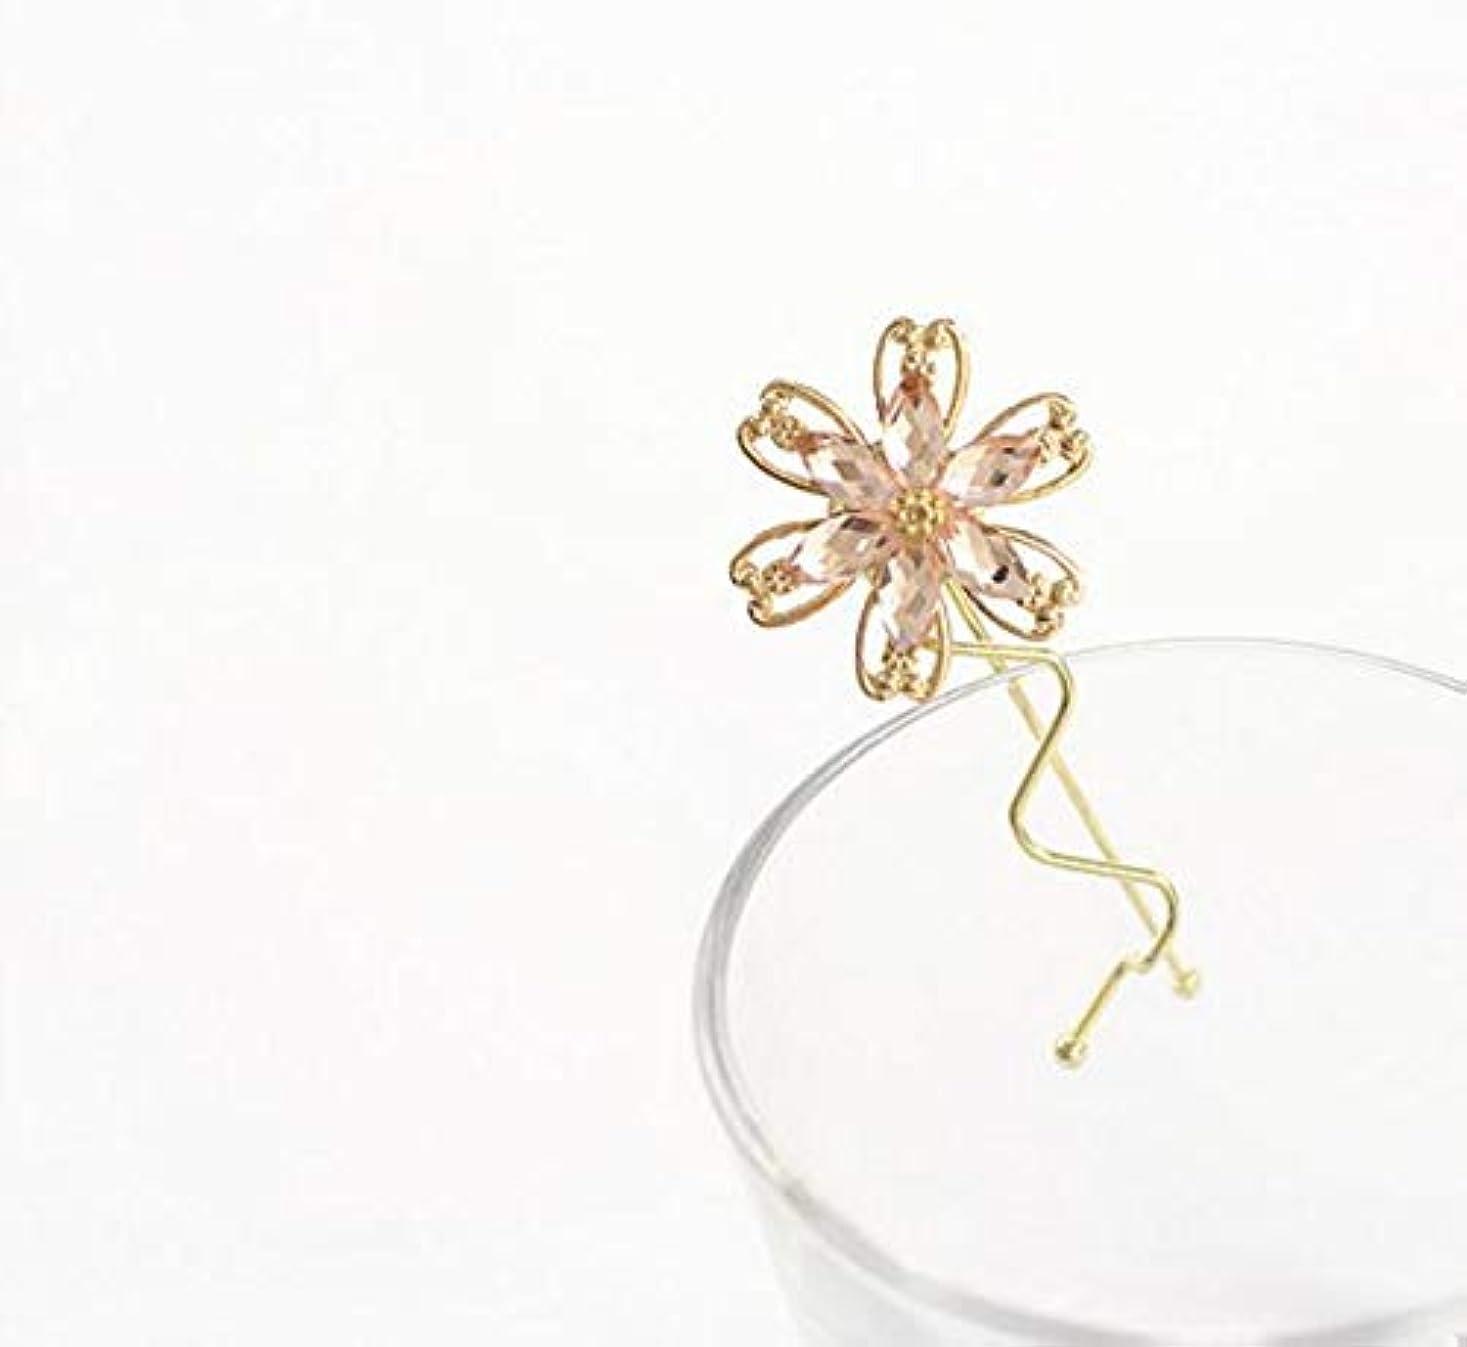 アジテーション軽蔑赤道HuaQingPiJu-JP ファッションシンプルな桜のヘッドウェア子供のヘアピン便利なヘアクリップ(ピンク)